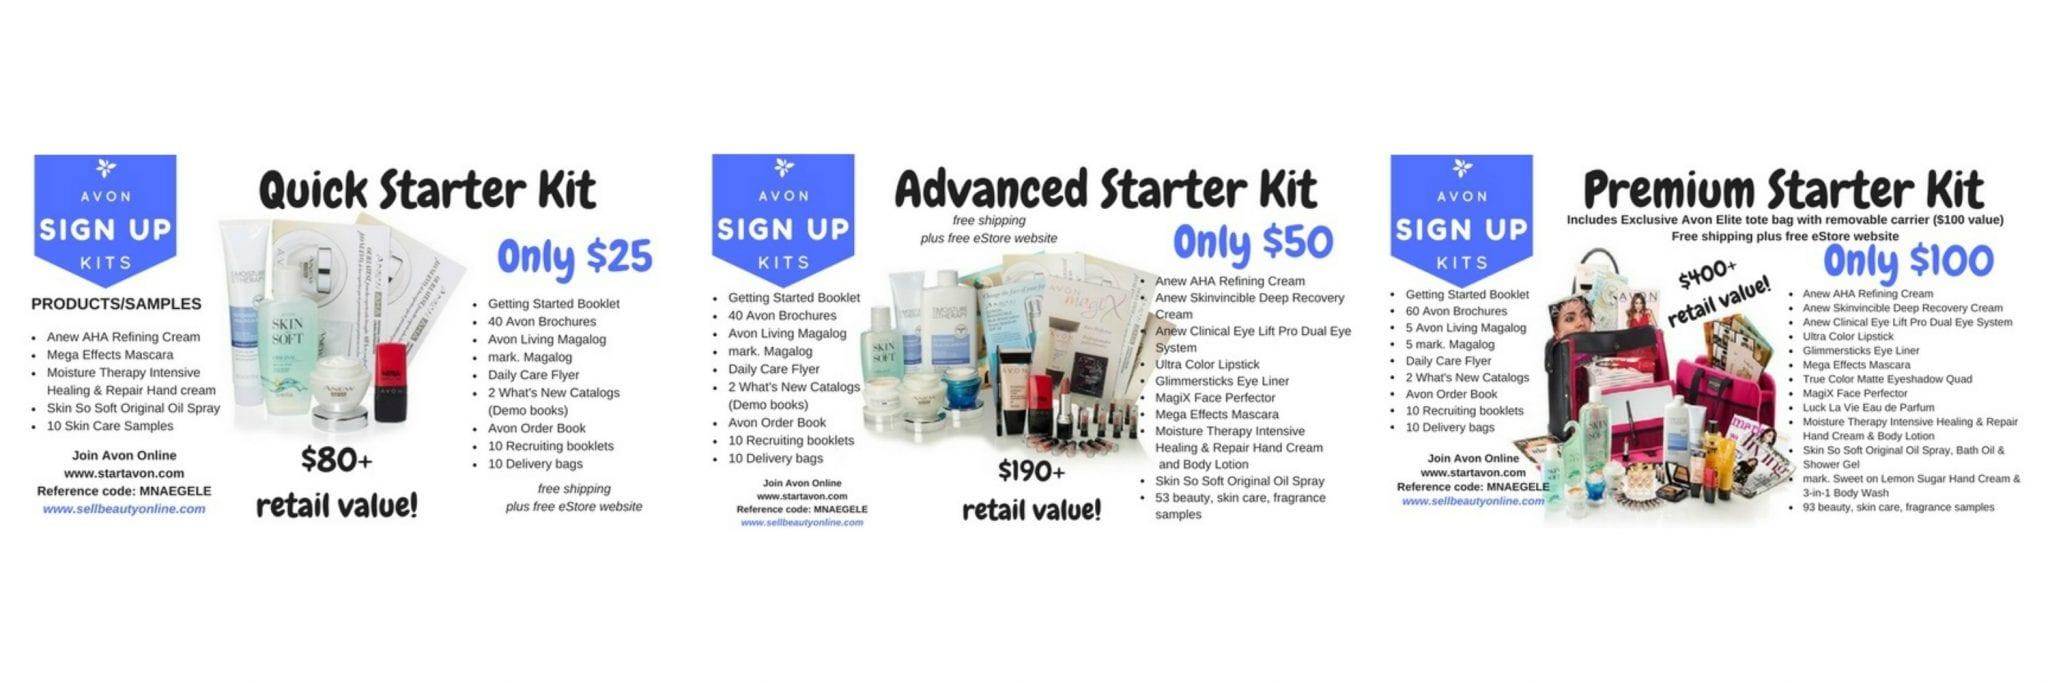 start selling avon online